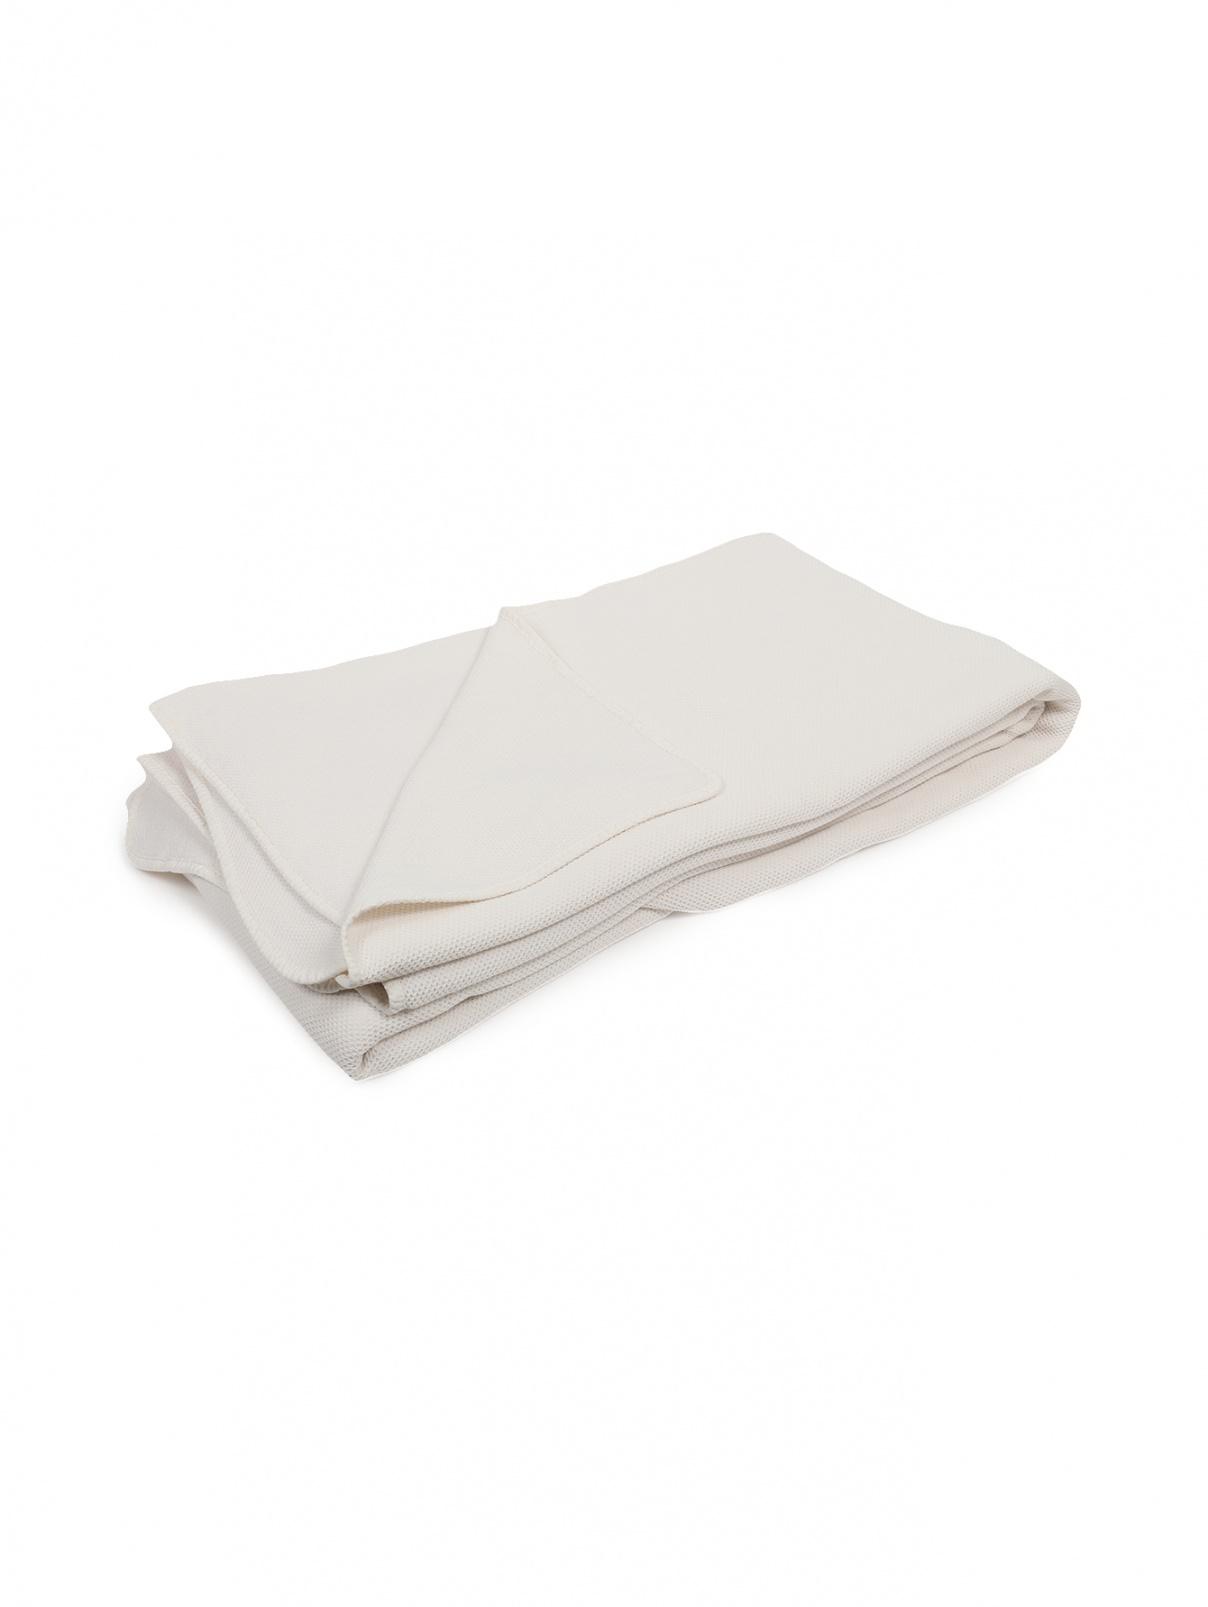 Покрывало из текстурной ткани 270 x 270 La Perla  –  Общий вид